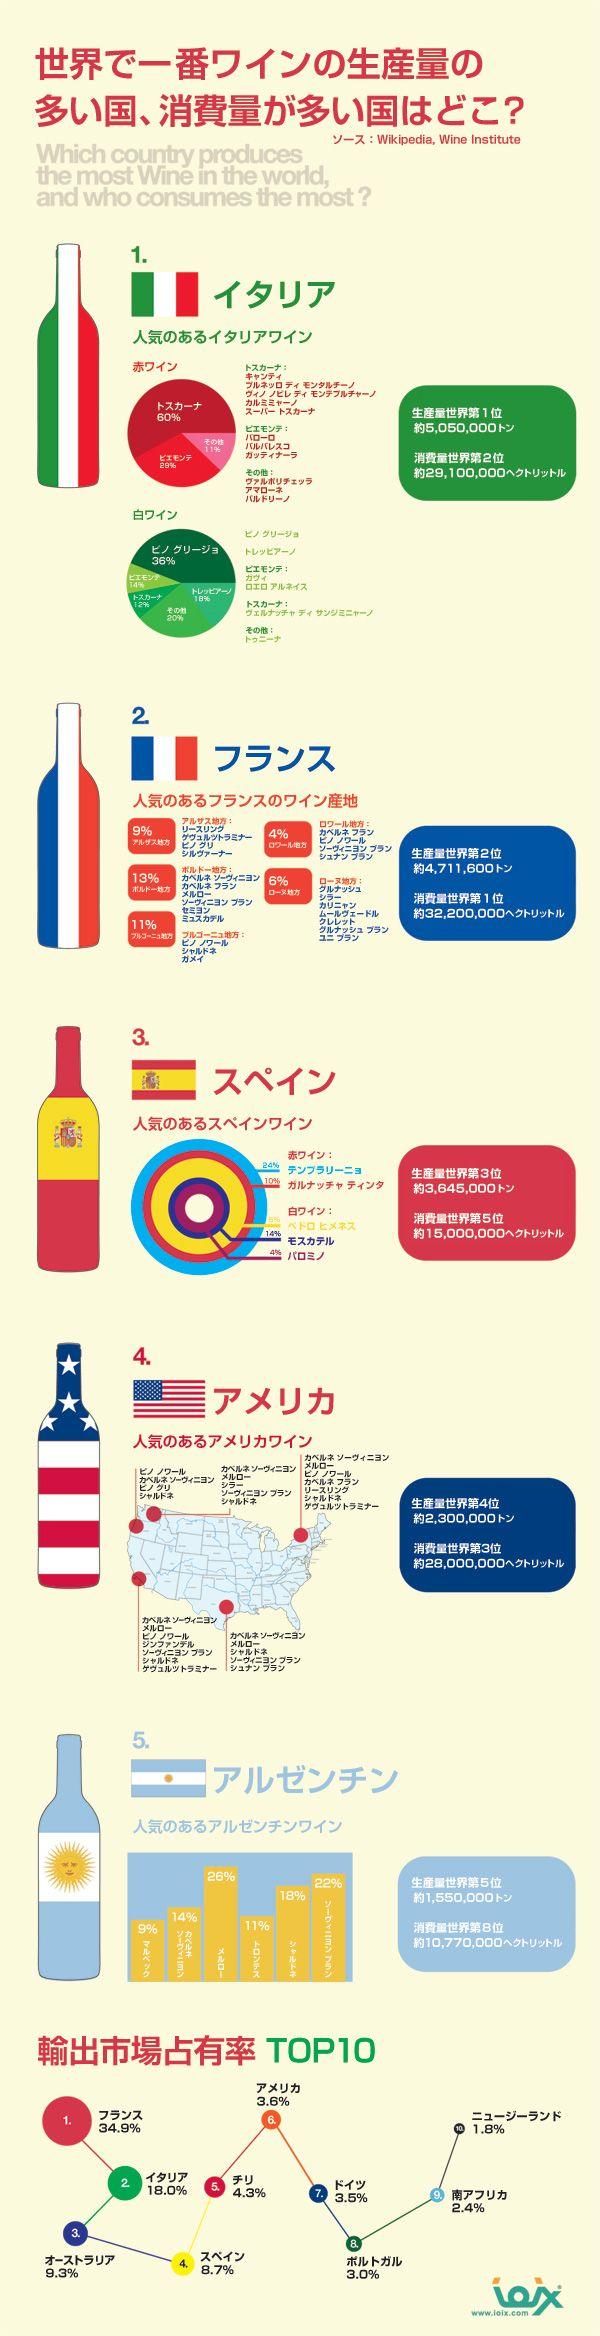 ワインの生産量が多い国、消費量が多い国をランキング形式でまとめたインフォグラフィックです。ワインラバー向けに、ワインに使われている生産されて...